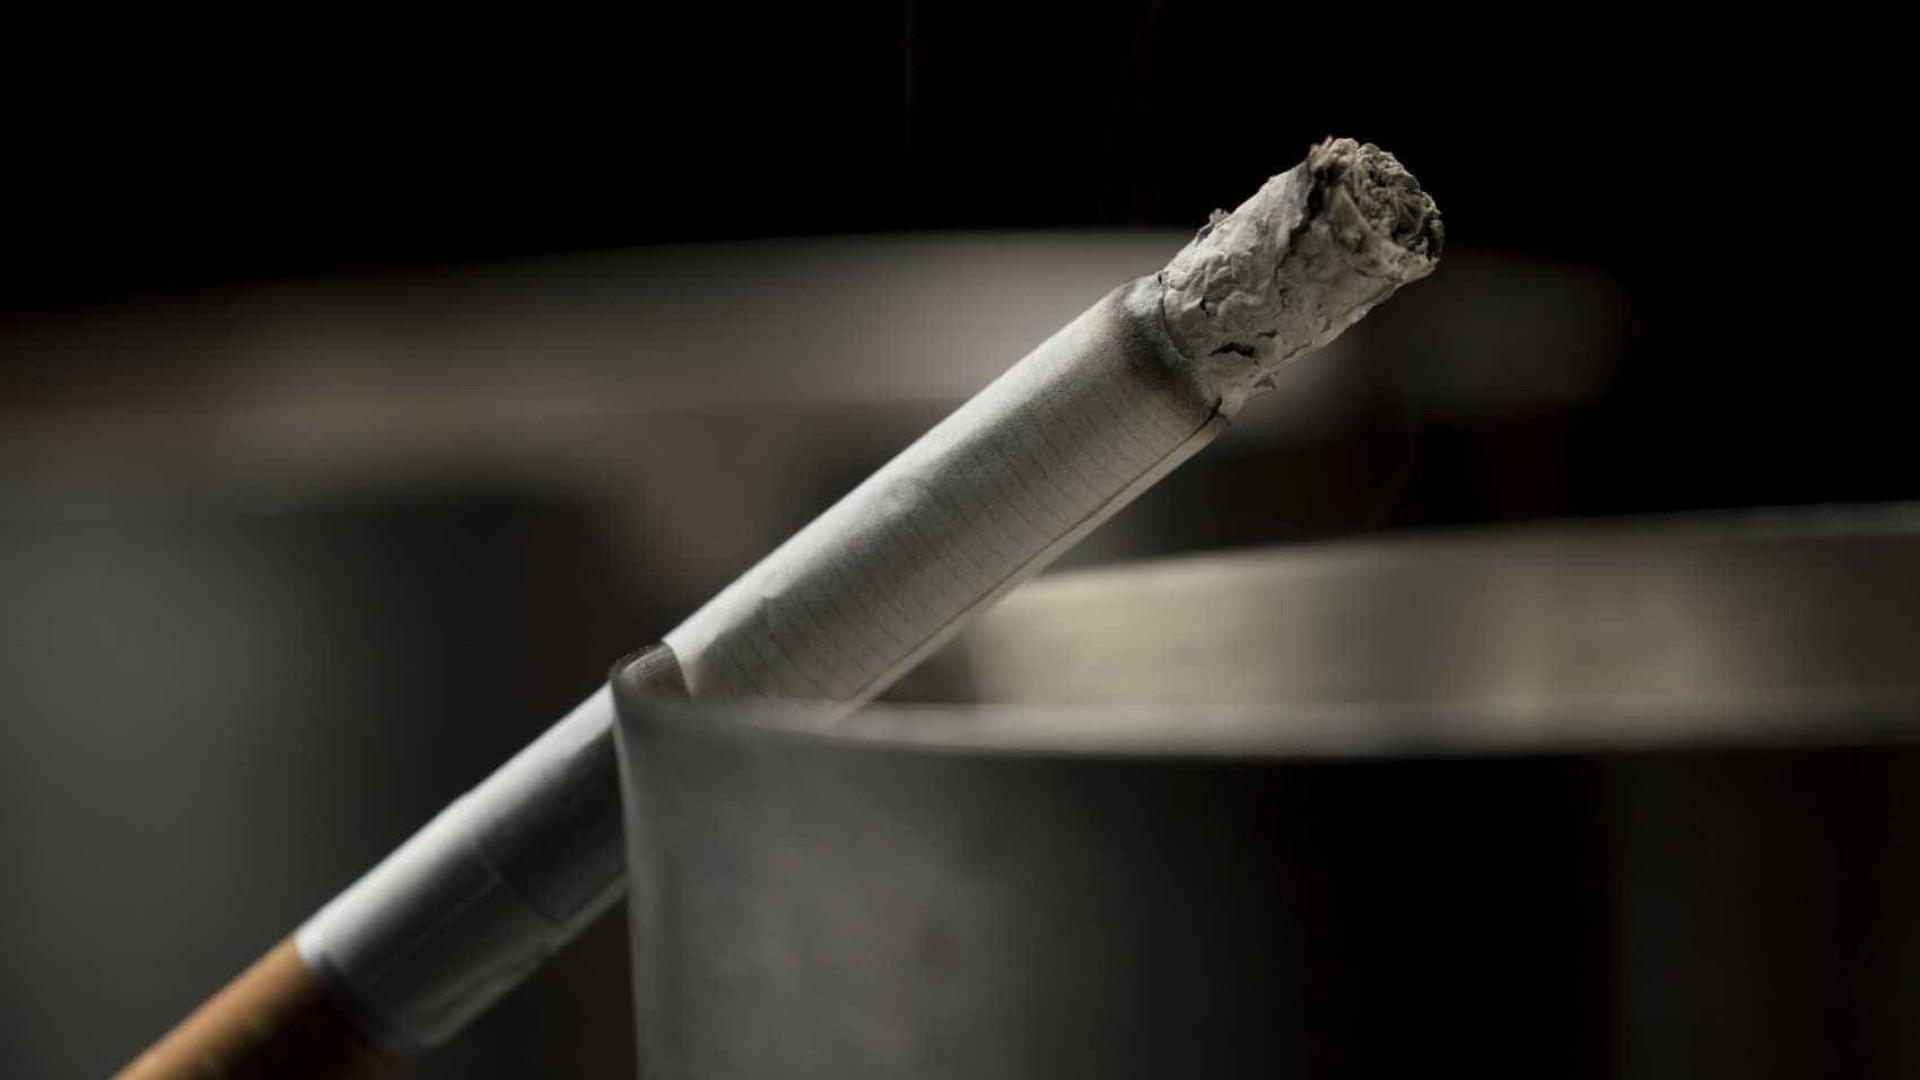 Justiça holandesa proíbe zonas para fumadores em cafés e bares